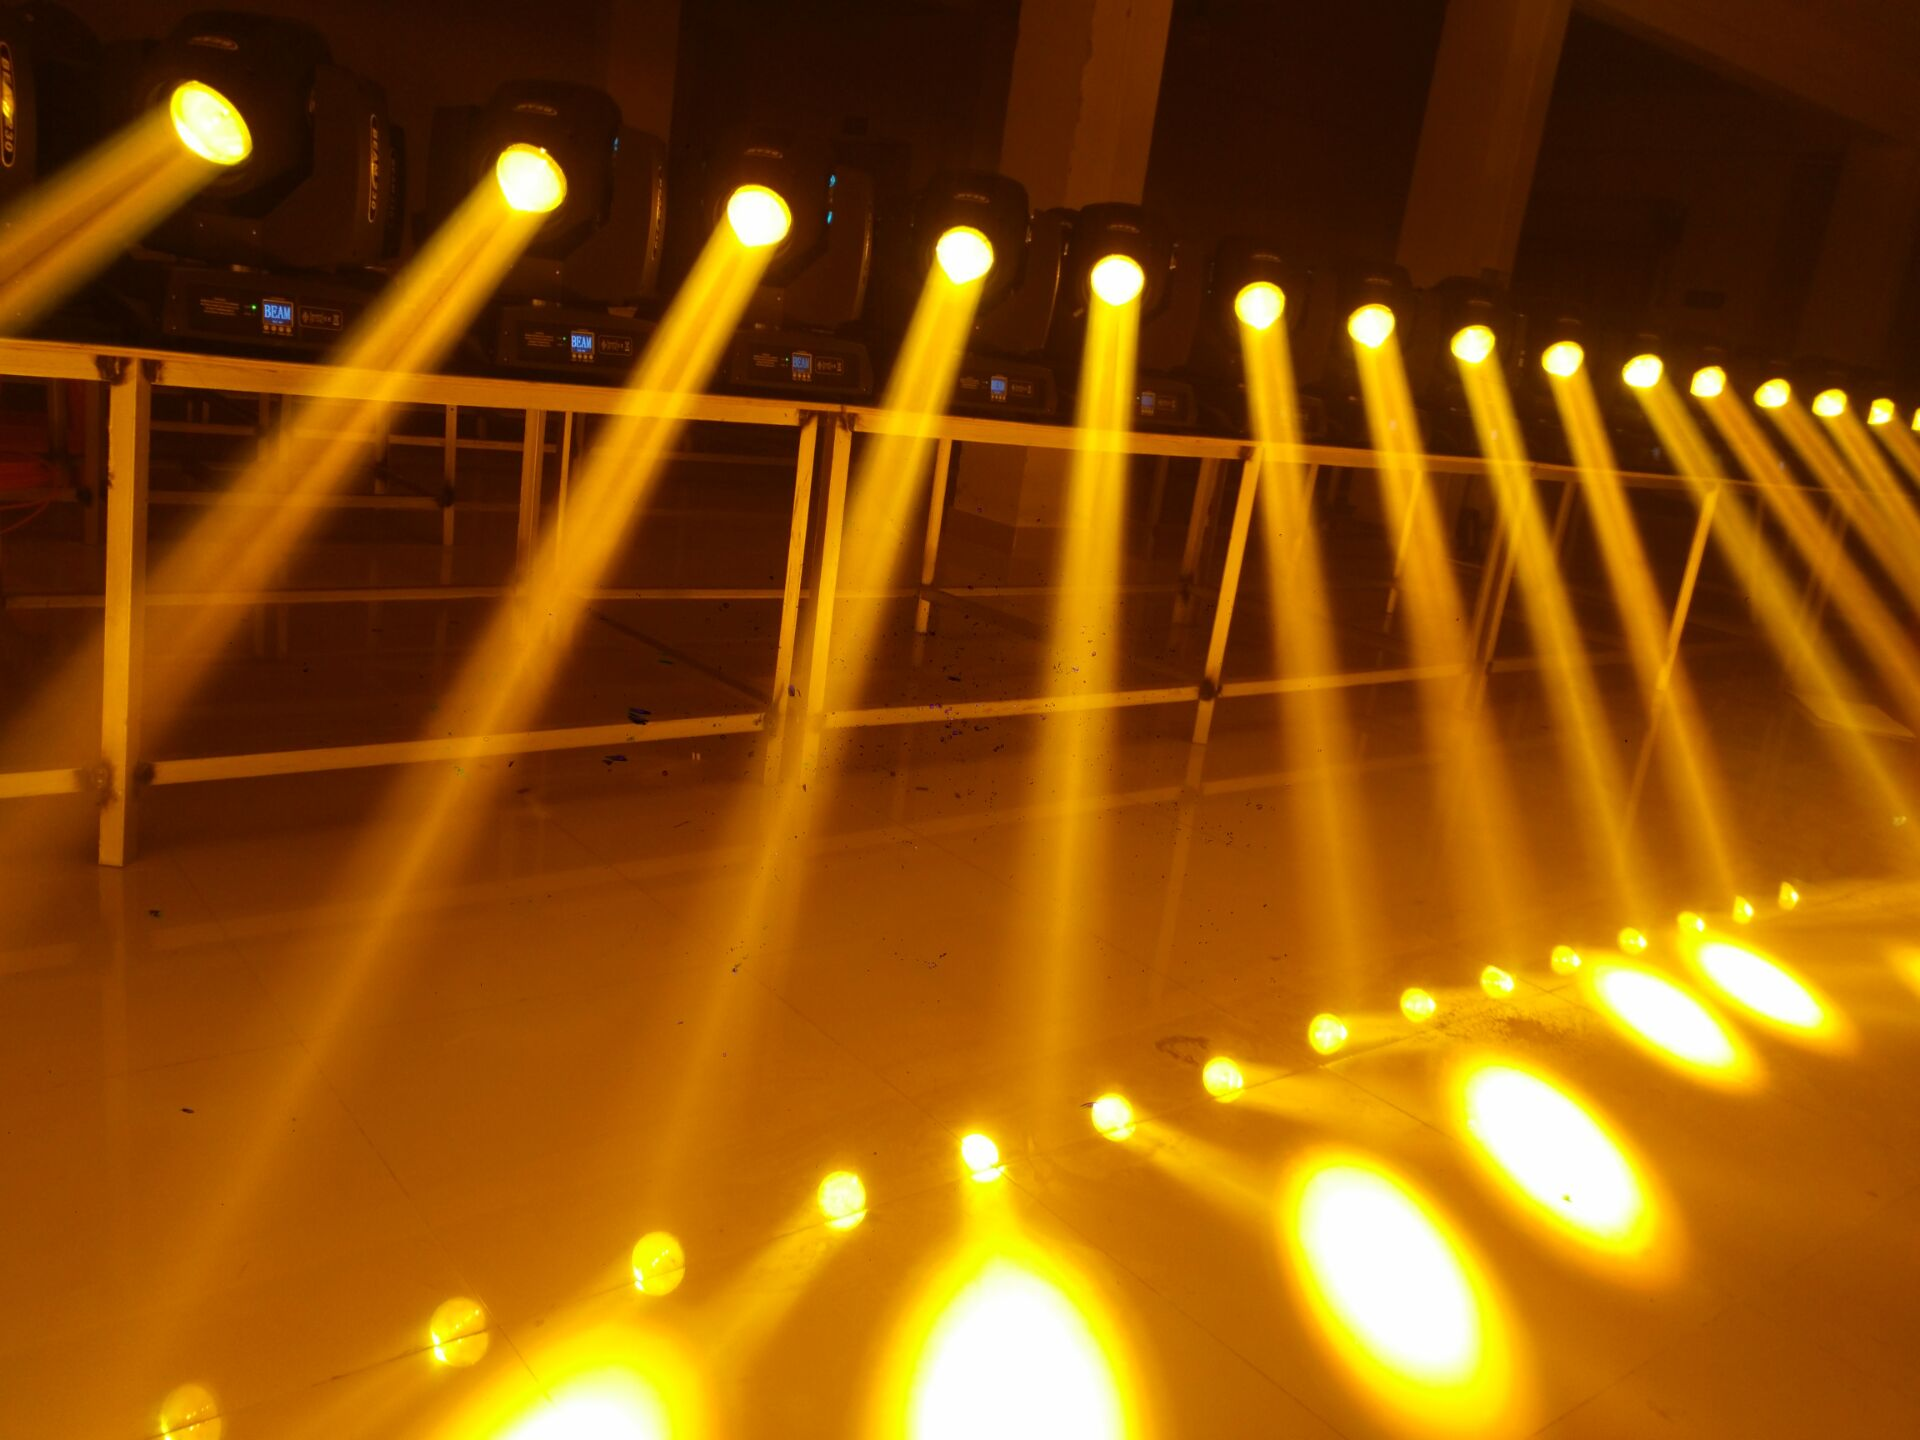 舞台灯光在舞蹈中起的作用